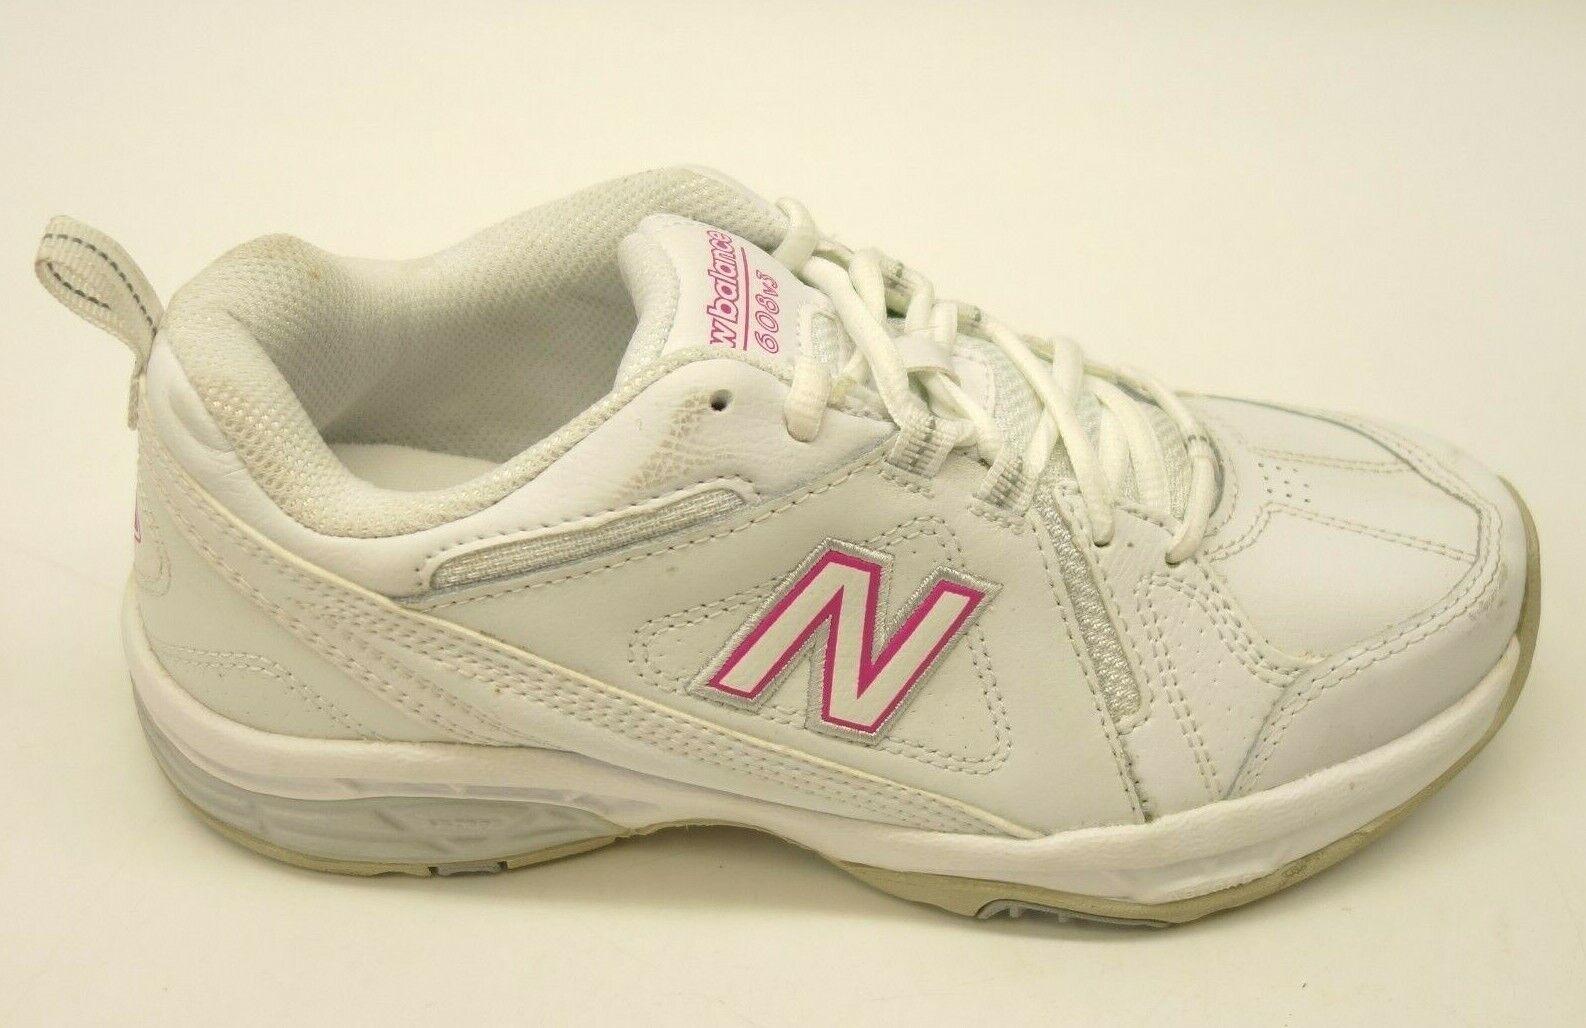 New balance 608 nos 8.5 Ancho blancoo Mujer Zapatos para caminar confort de estabilidad